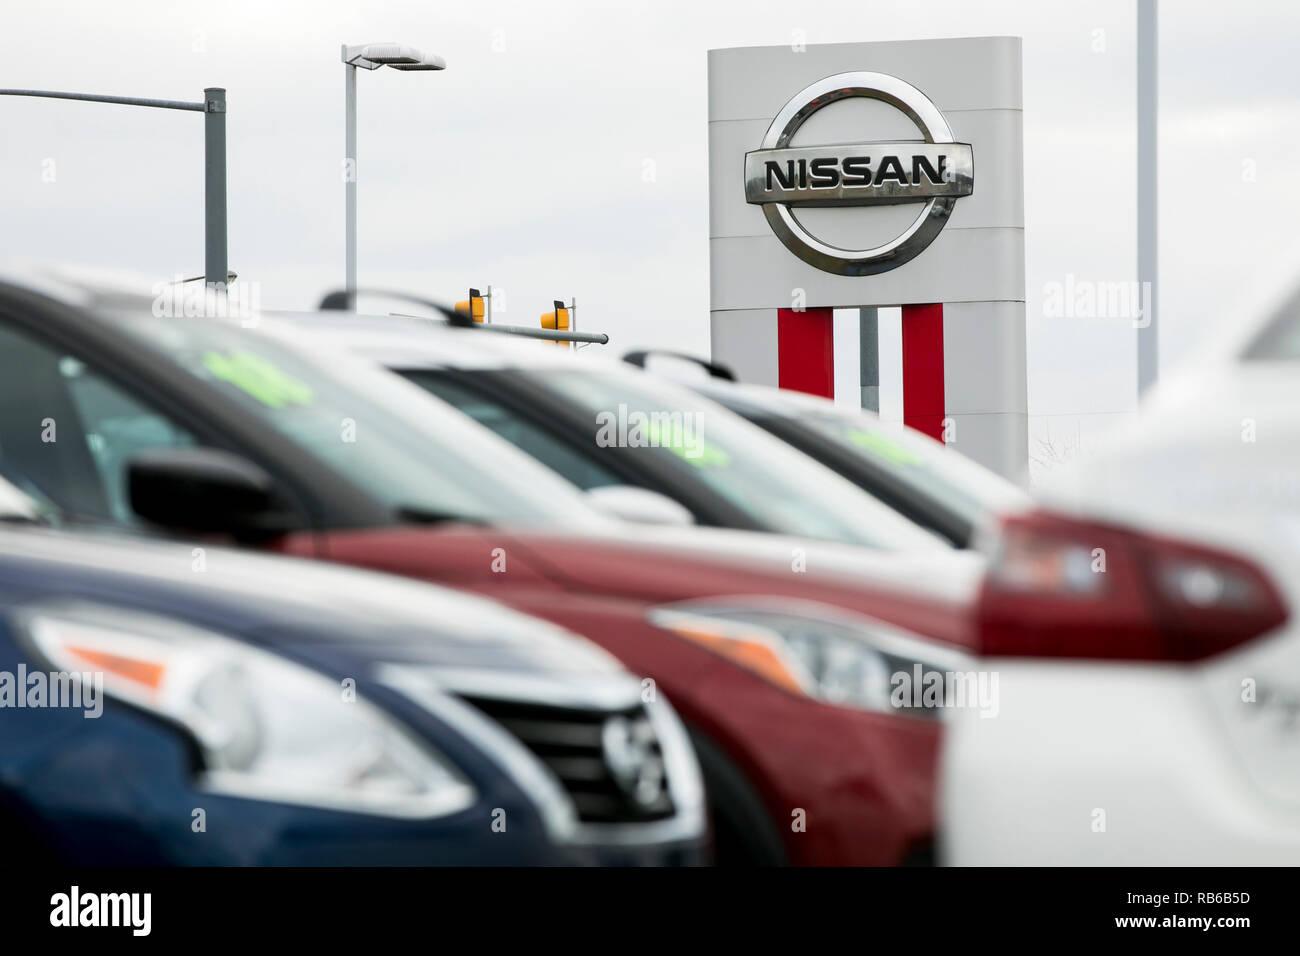 Nuevo sedán Nissan vehículos en un concesionario mucho de Muncy, Pennsylvania, el 30 de diciembre de 2018. Imagen De Stock